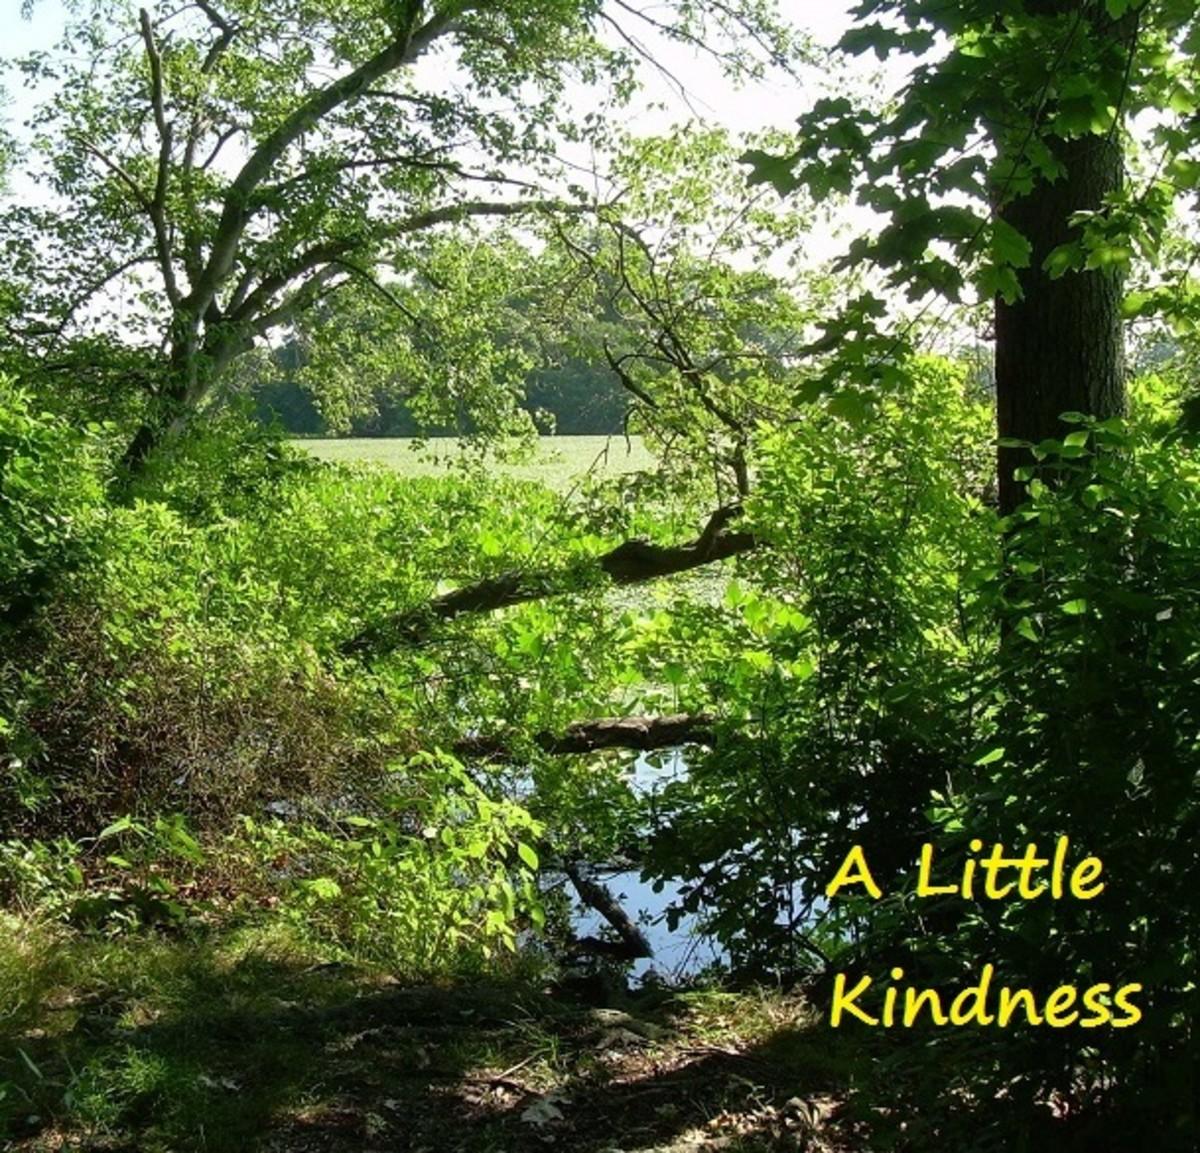 a-little-kindness